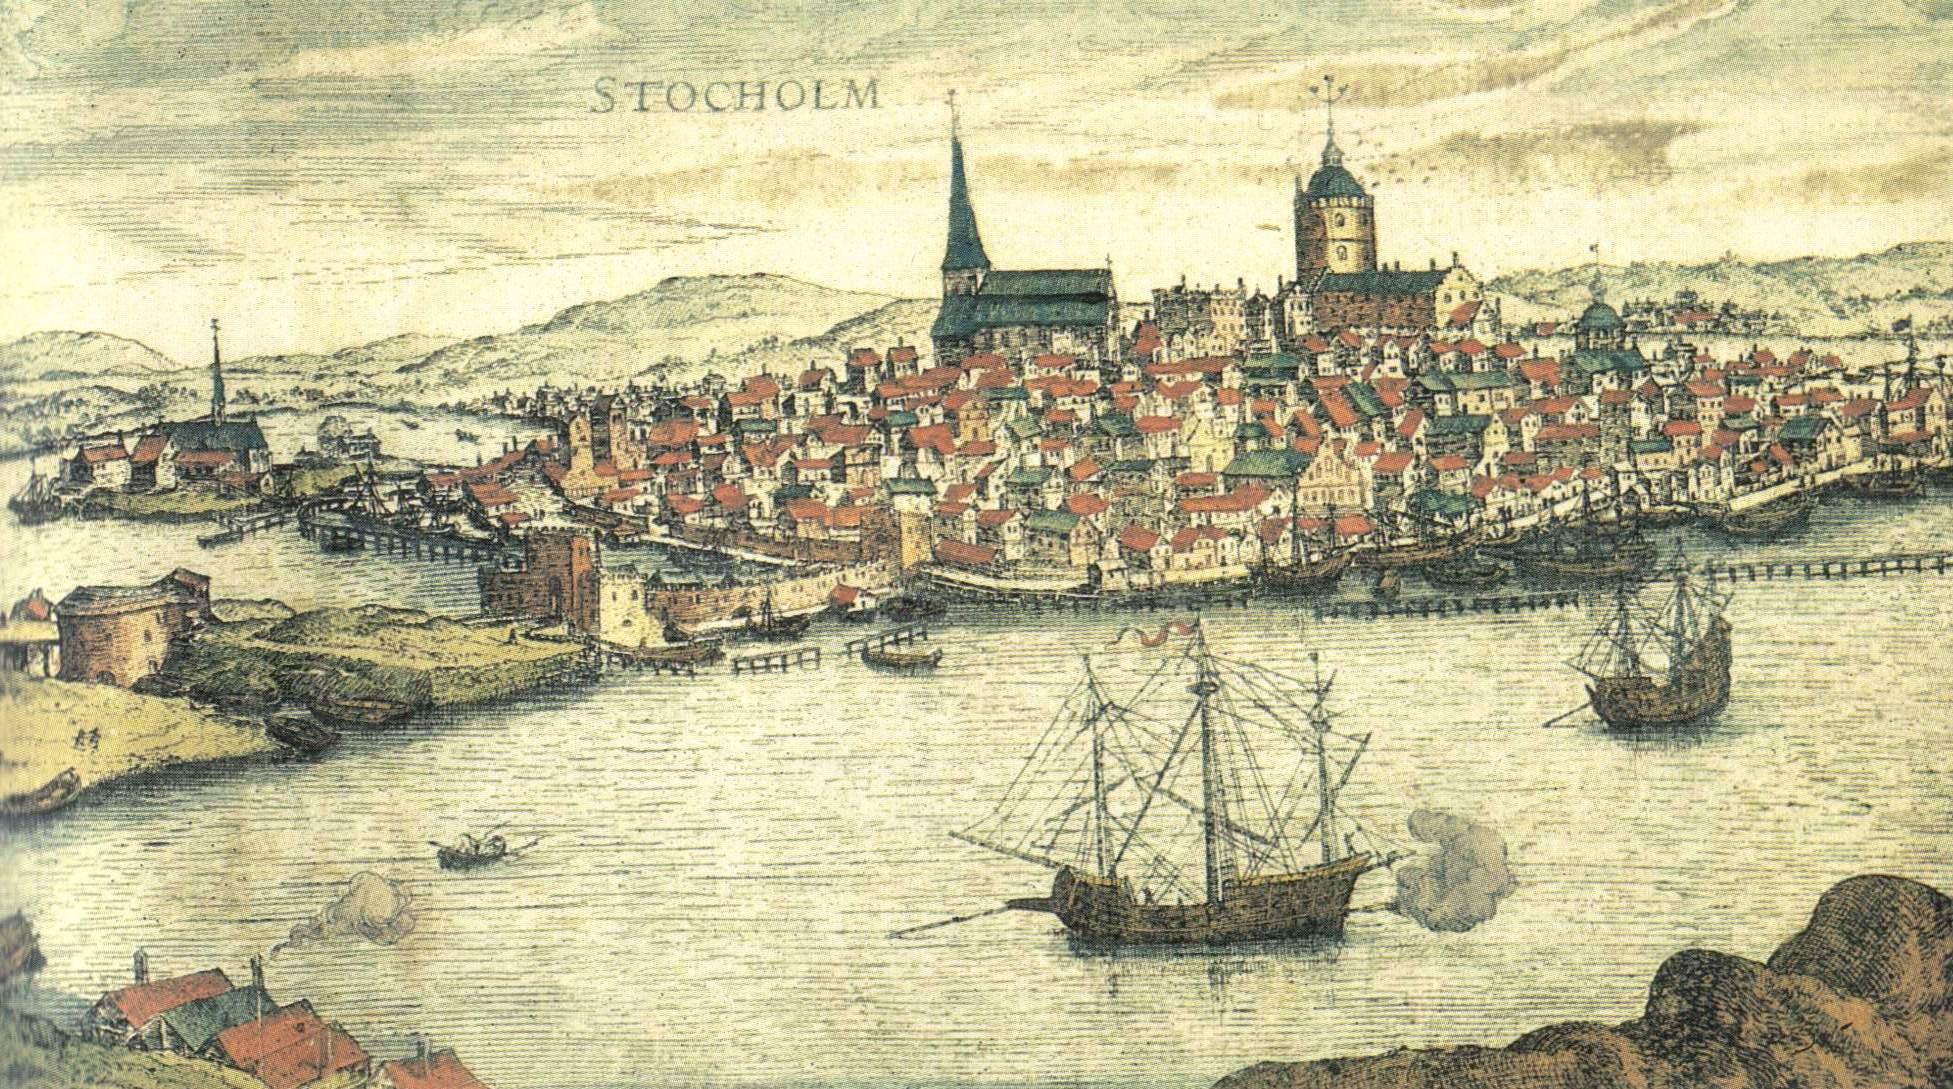 Stockholmsyndroom